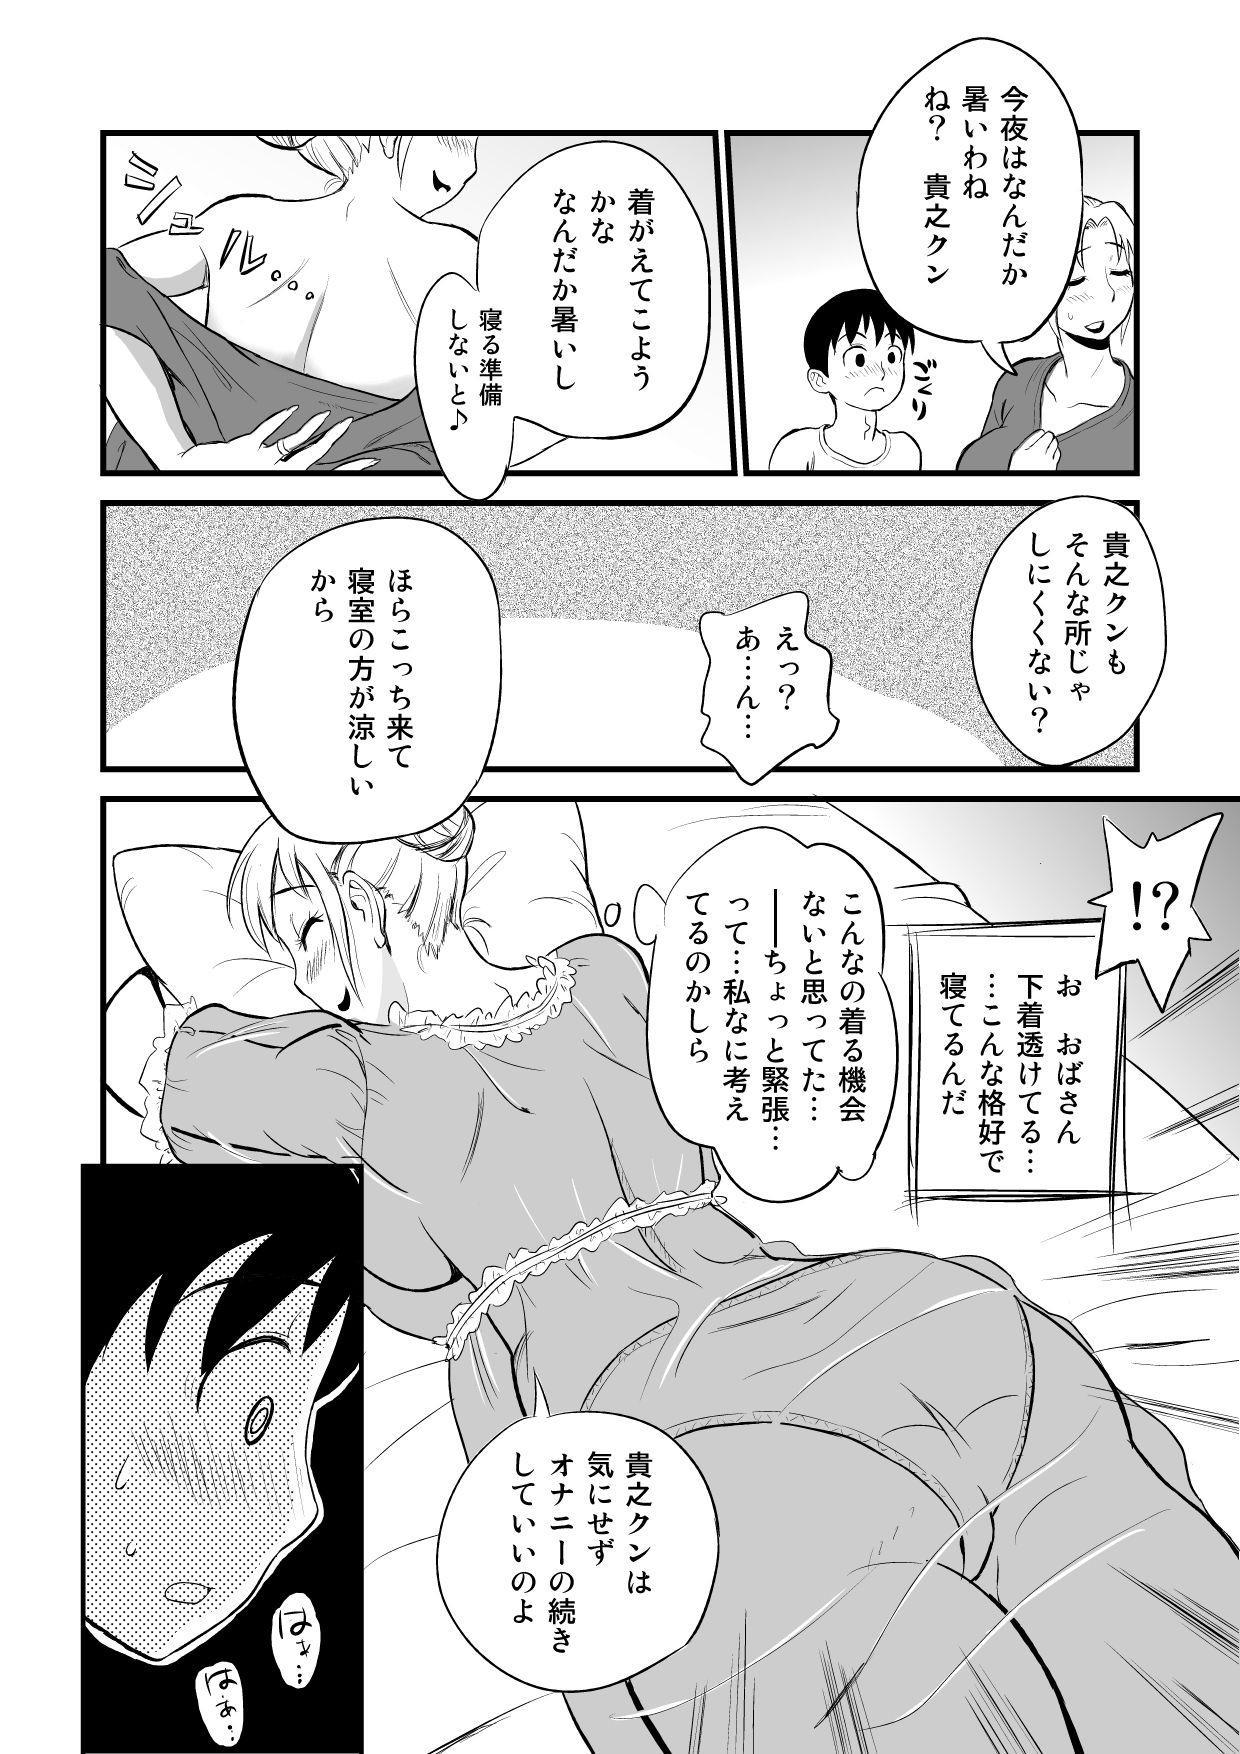 Yuujin no Mama ga Onanie no Otetsudai? 12